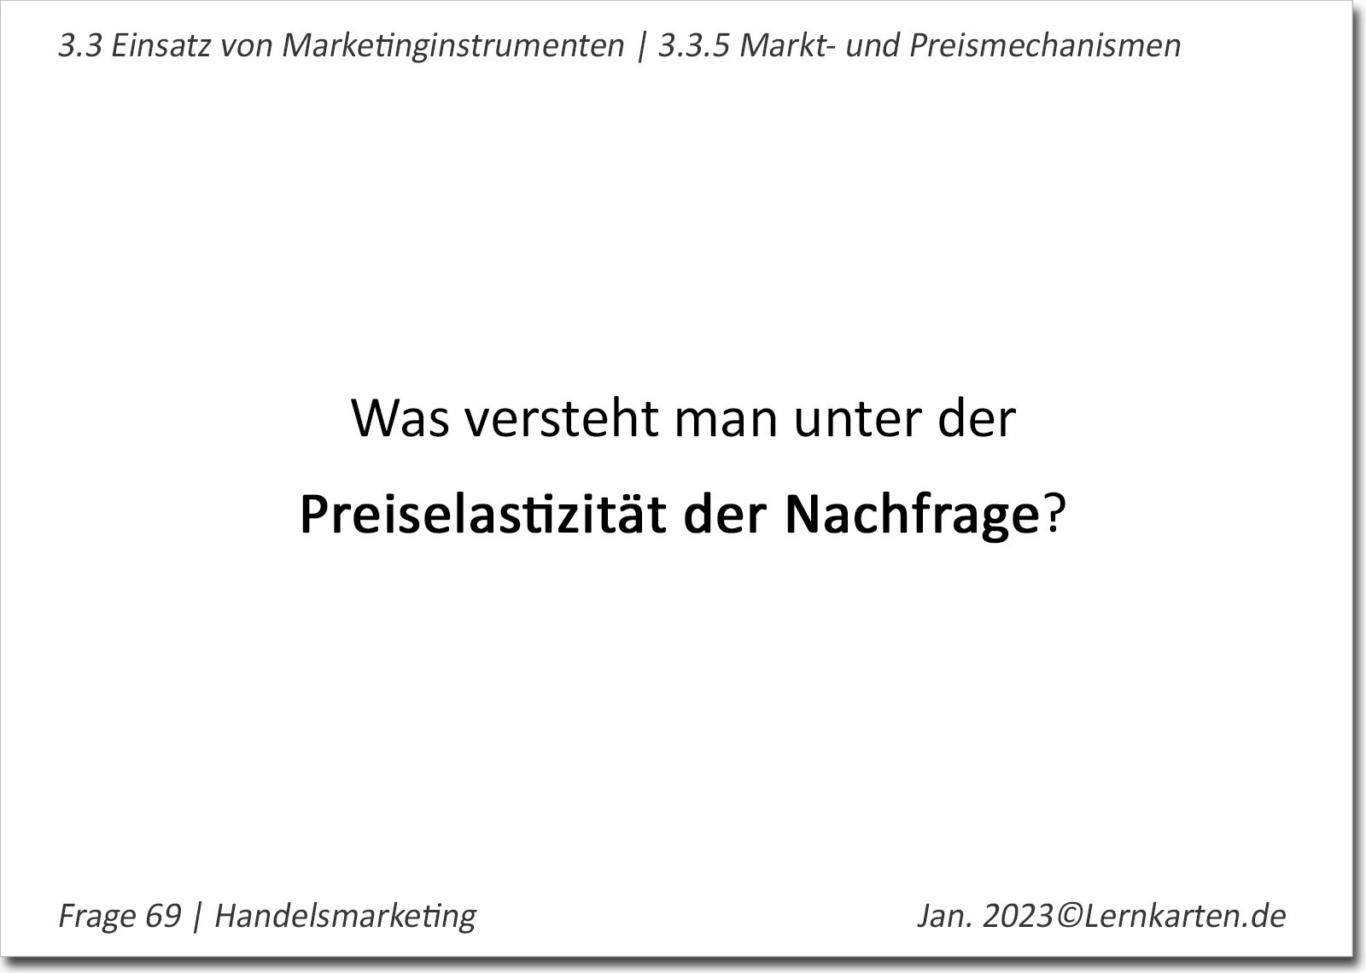 Handelsmarketing Lernkarte Beispiel Handelsfachwirt IHK Frage Preiselastizität